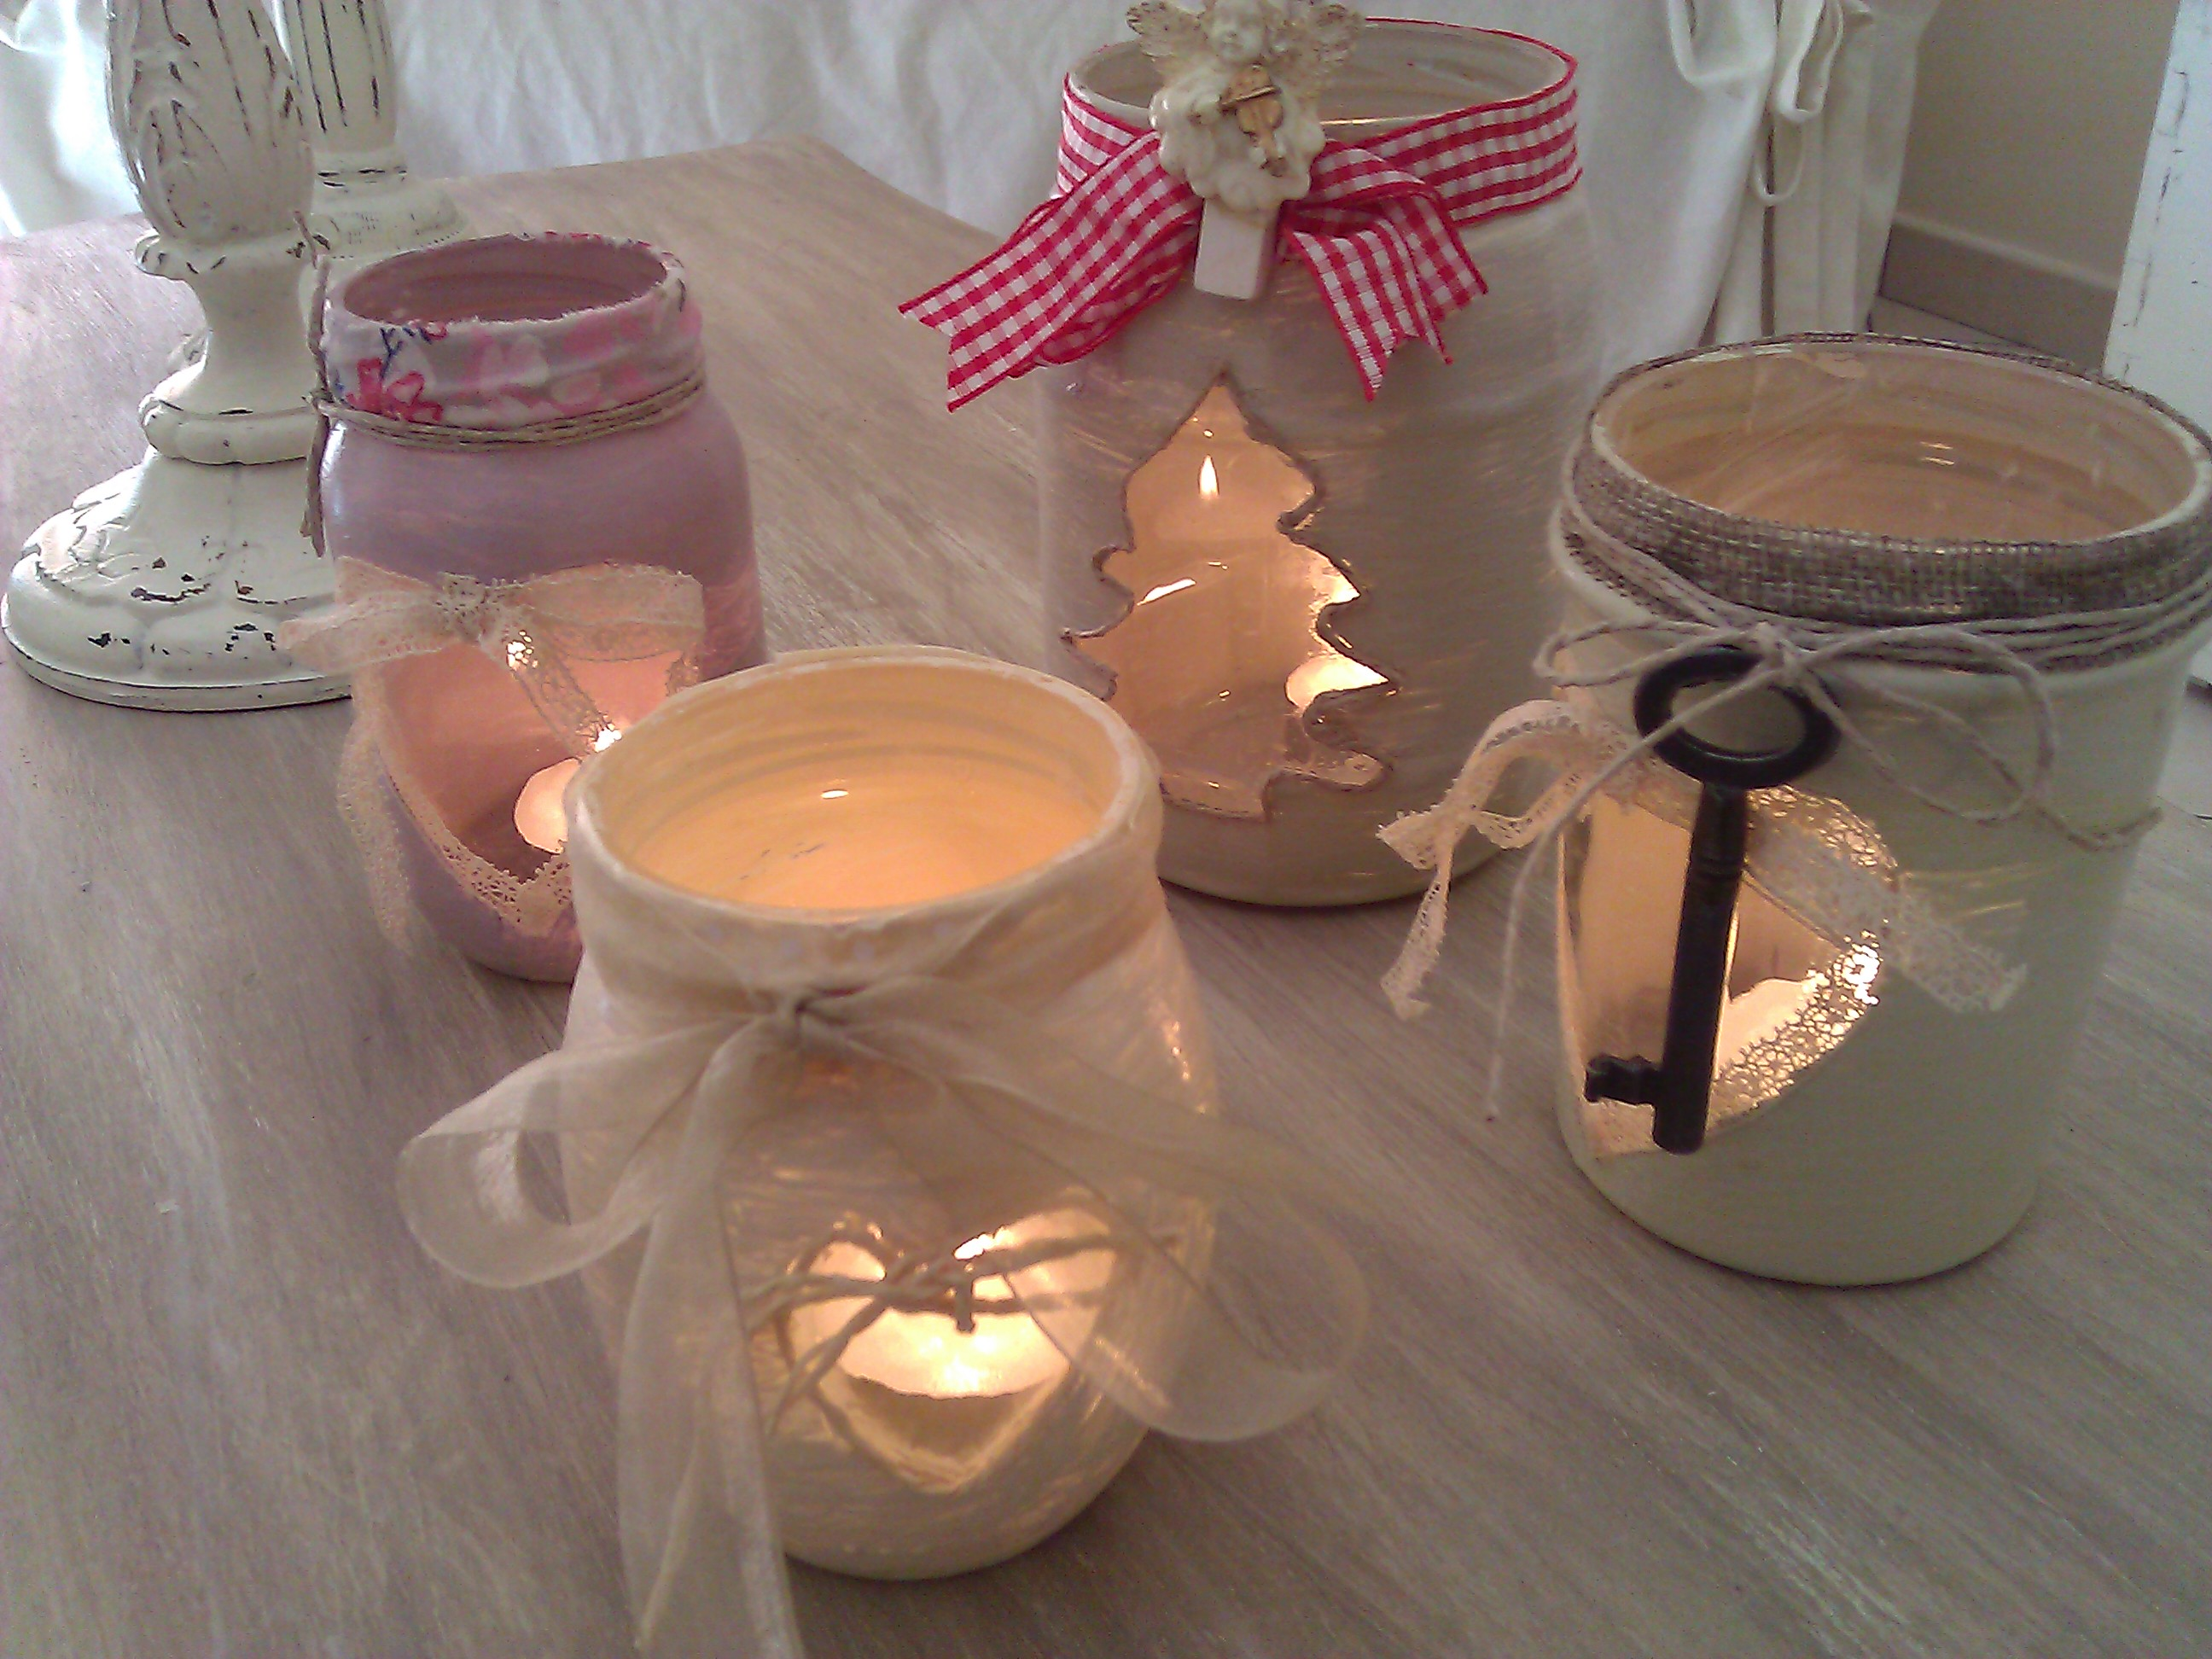 Utilizzo di pomelli nella creazione di barattoli di vetro - Bagno con sale grosso ...